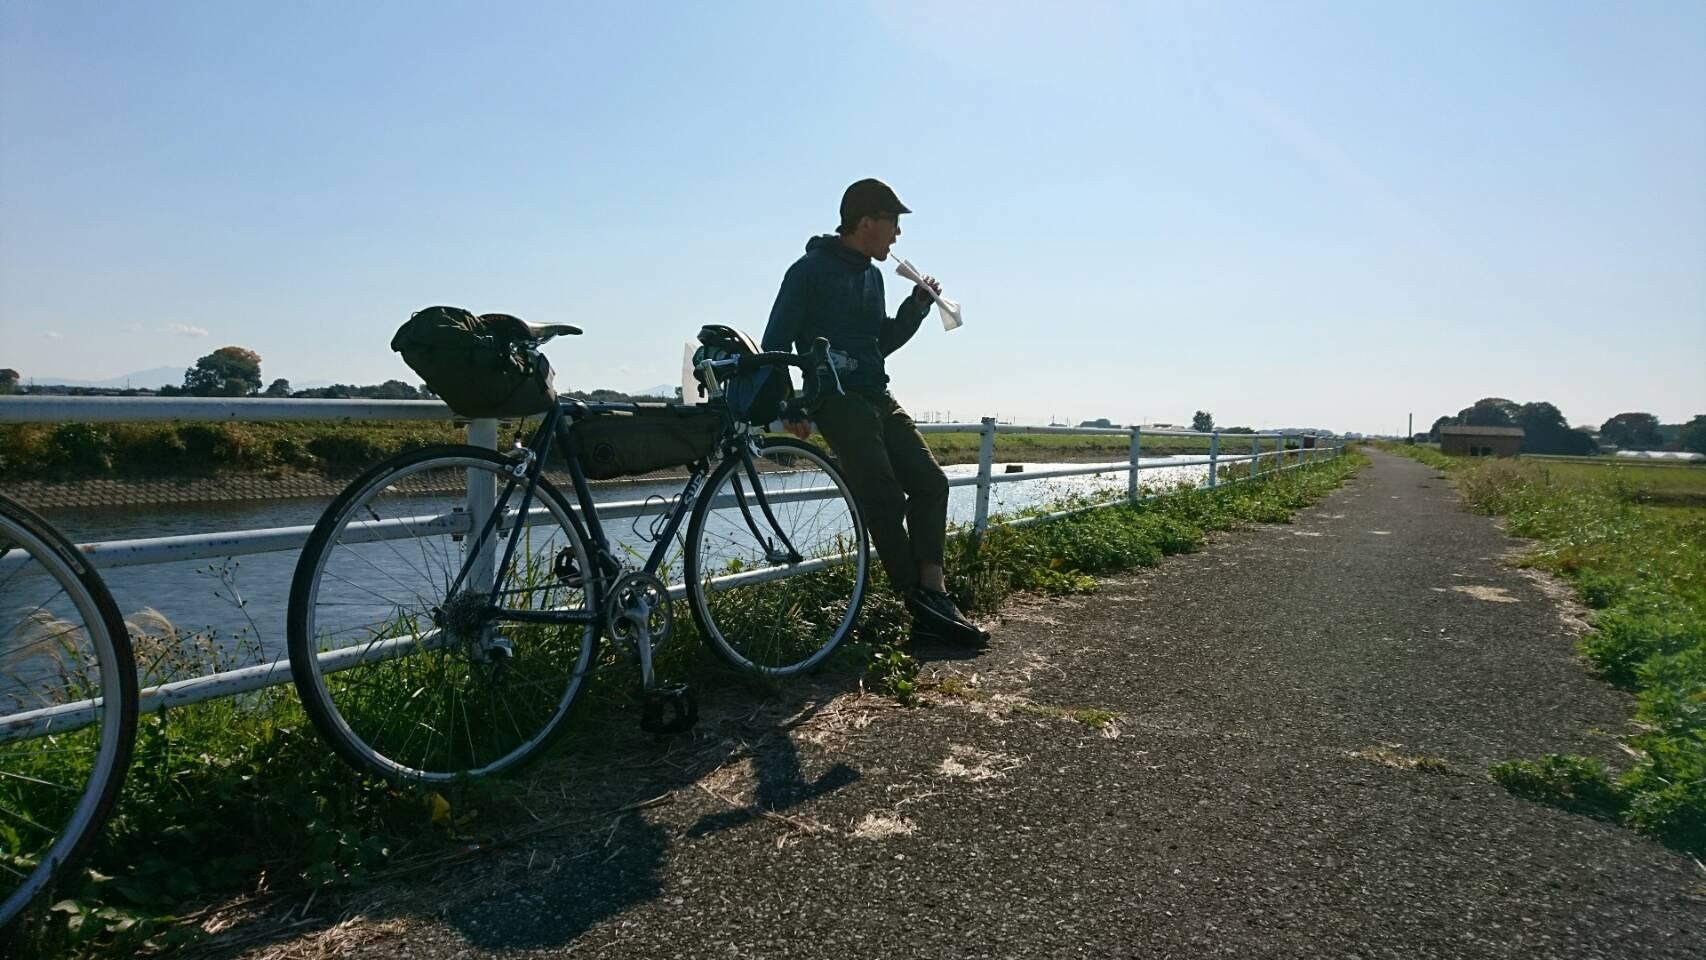 2017.11.3-5 北関東の川沿いサイクリングロードを繋ぐチャリ旅_b0219778_09132921.jpg